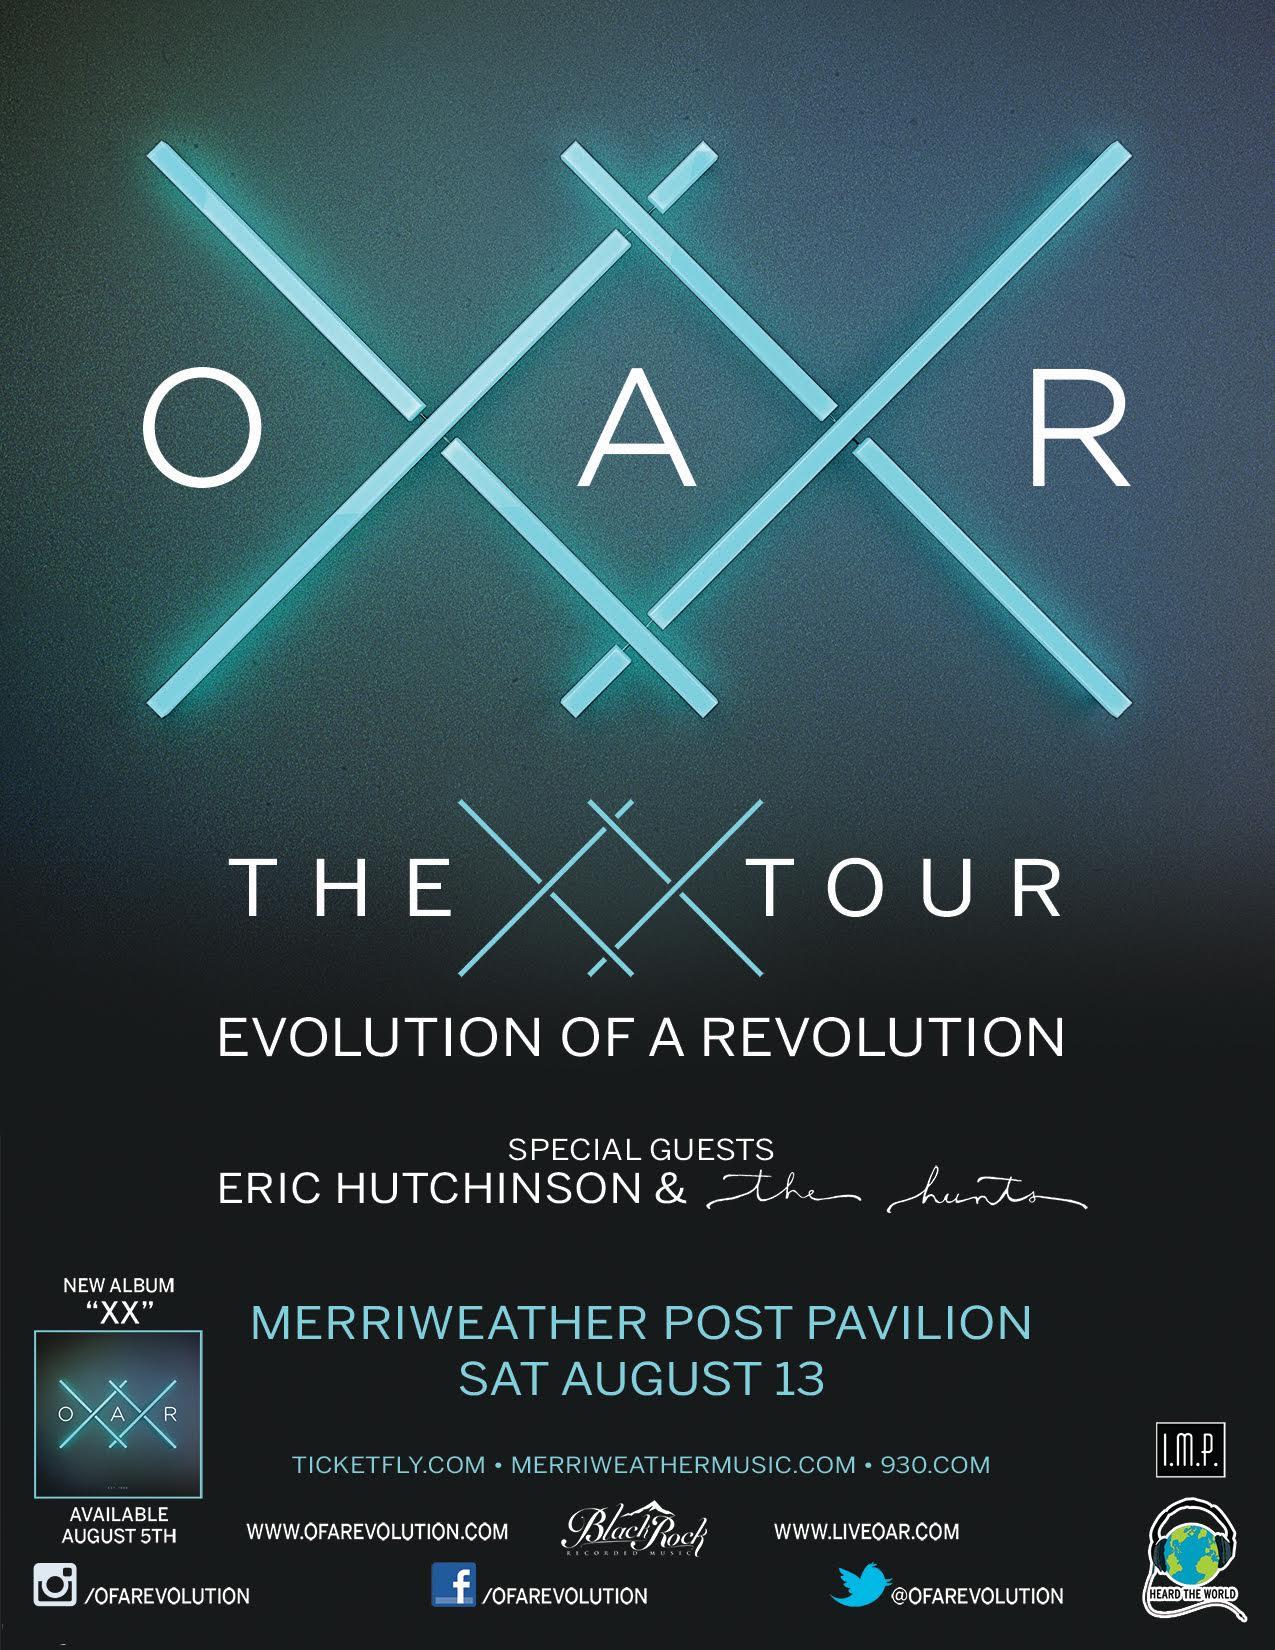 OAR concert